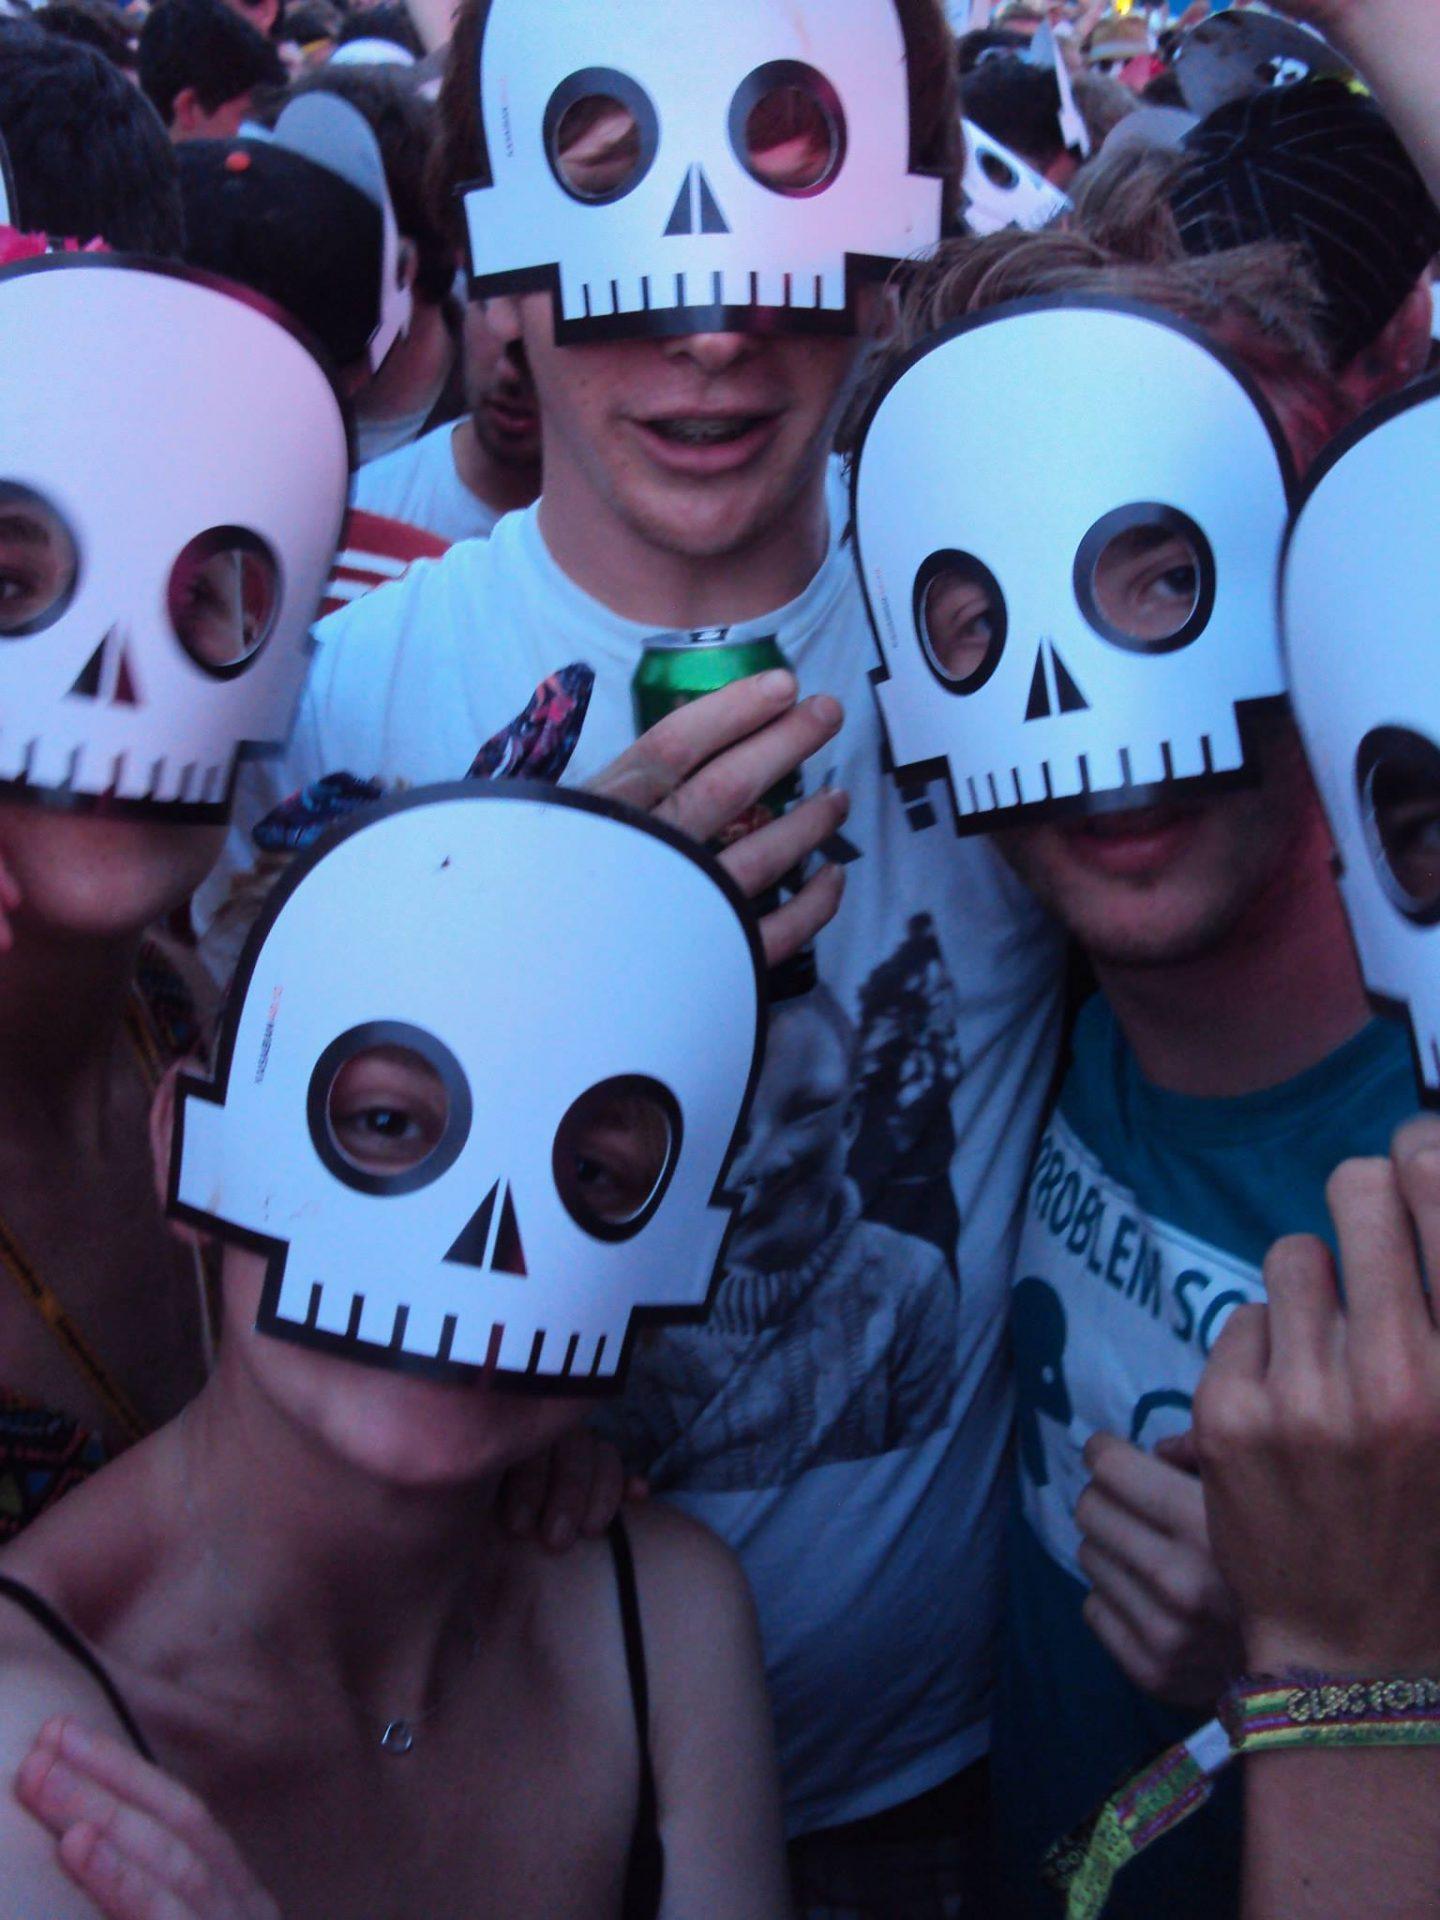 Wearing skulls masks at Kasabian